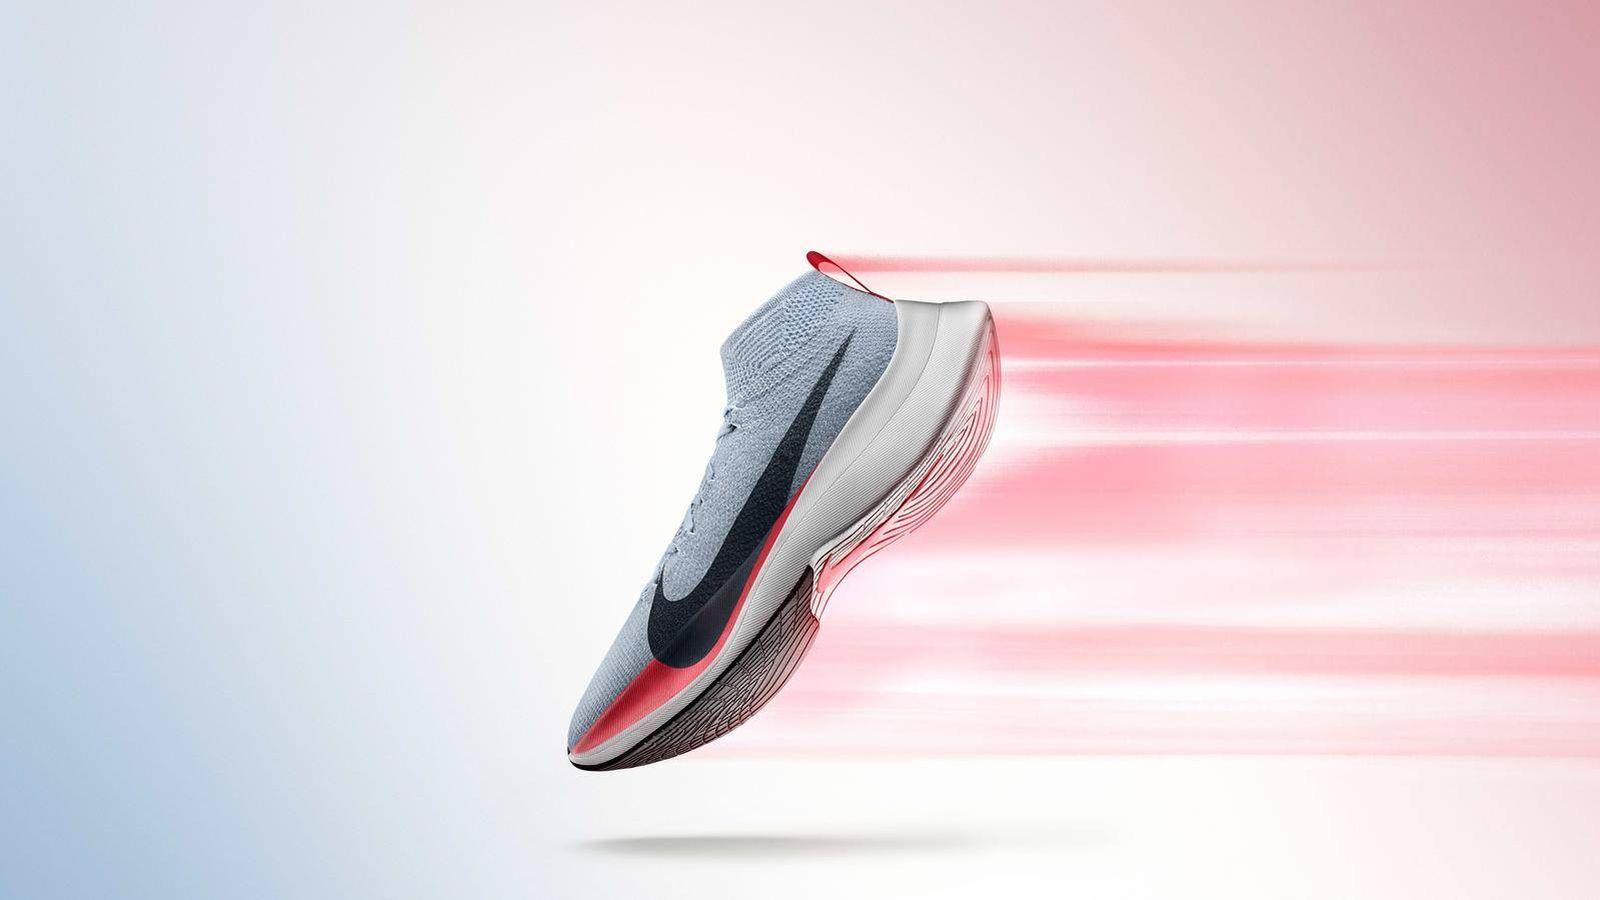 new product b3b45 d31b8 nike-quiere-bajar-de-dos-horas-en-el-maraton -con-estas-zapatillas-pero-es-reglamentario.jpg mtime 1489257715